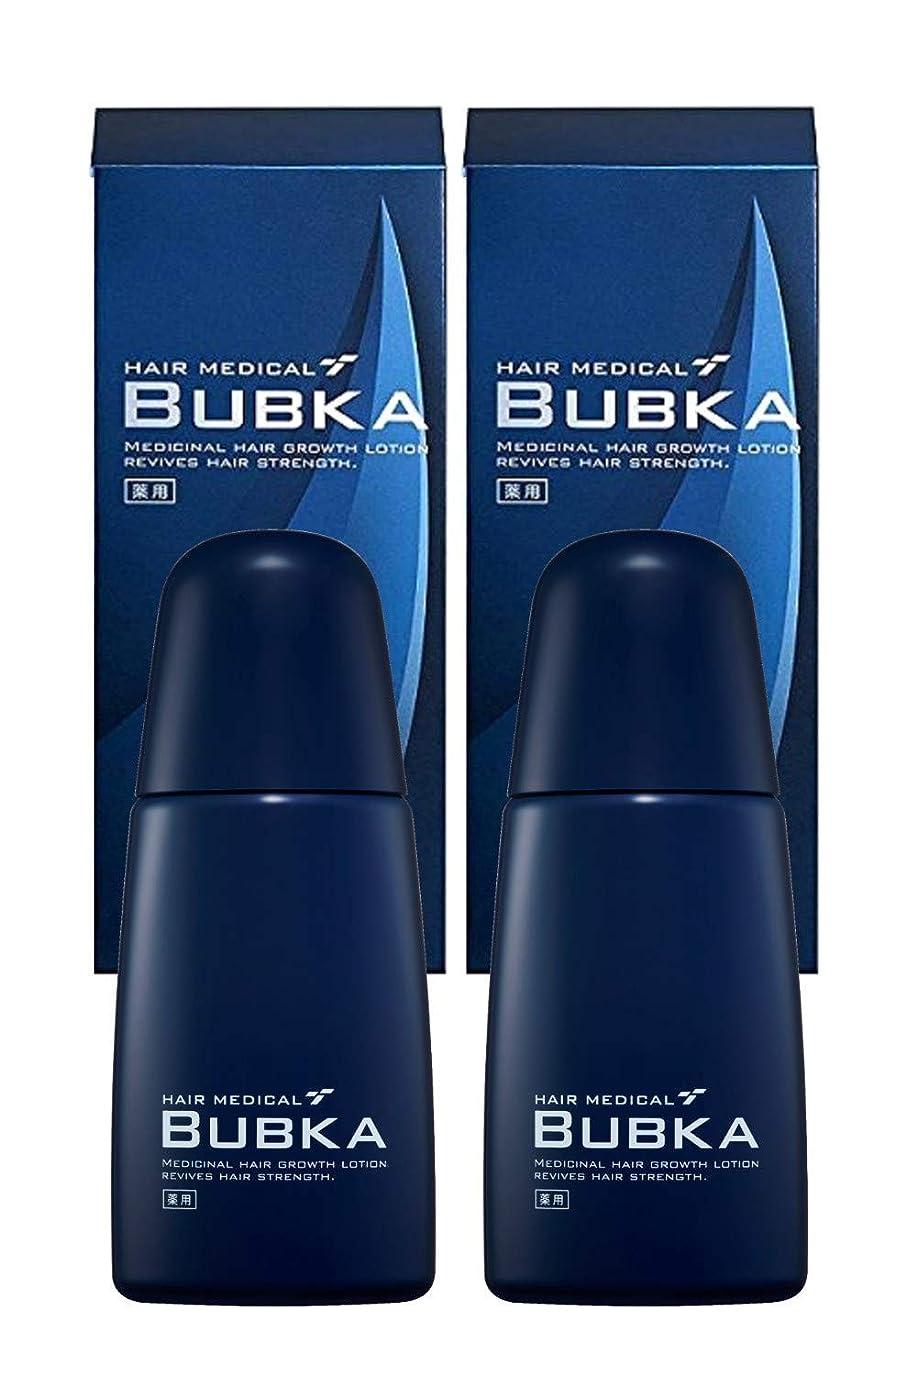 キャスト取り戻すスーツ【医薬部外品】BUBKA(ブブカ) 濃密育毛剤 BUBKA 003M 外販用青ボトル (2本組セット)